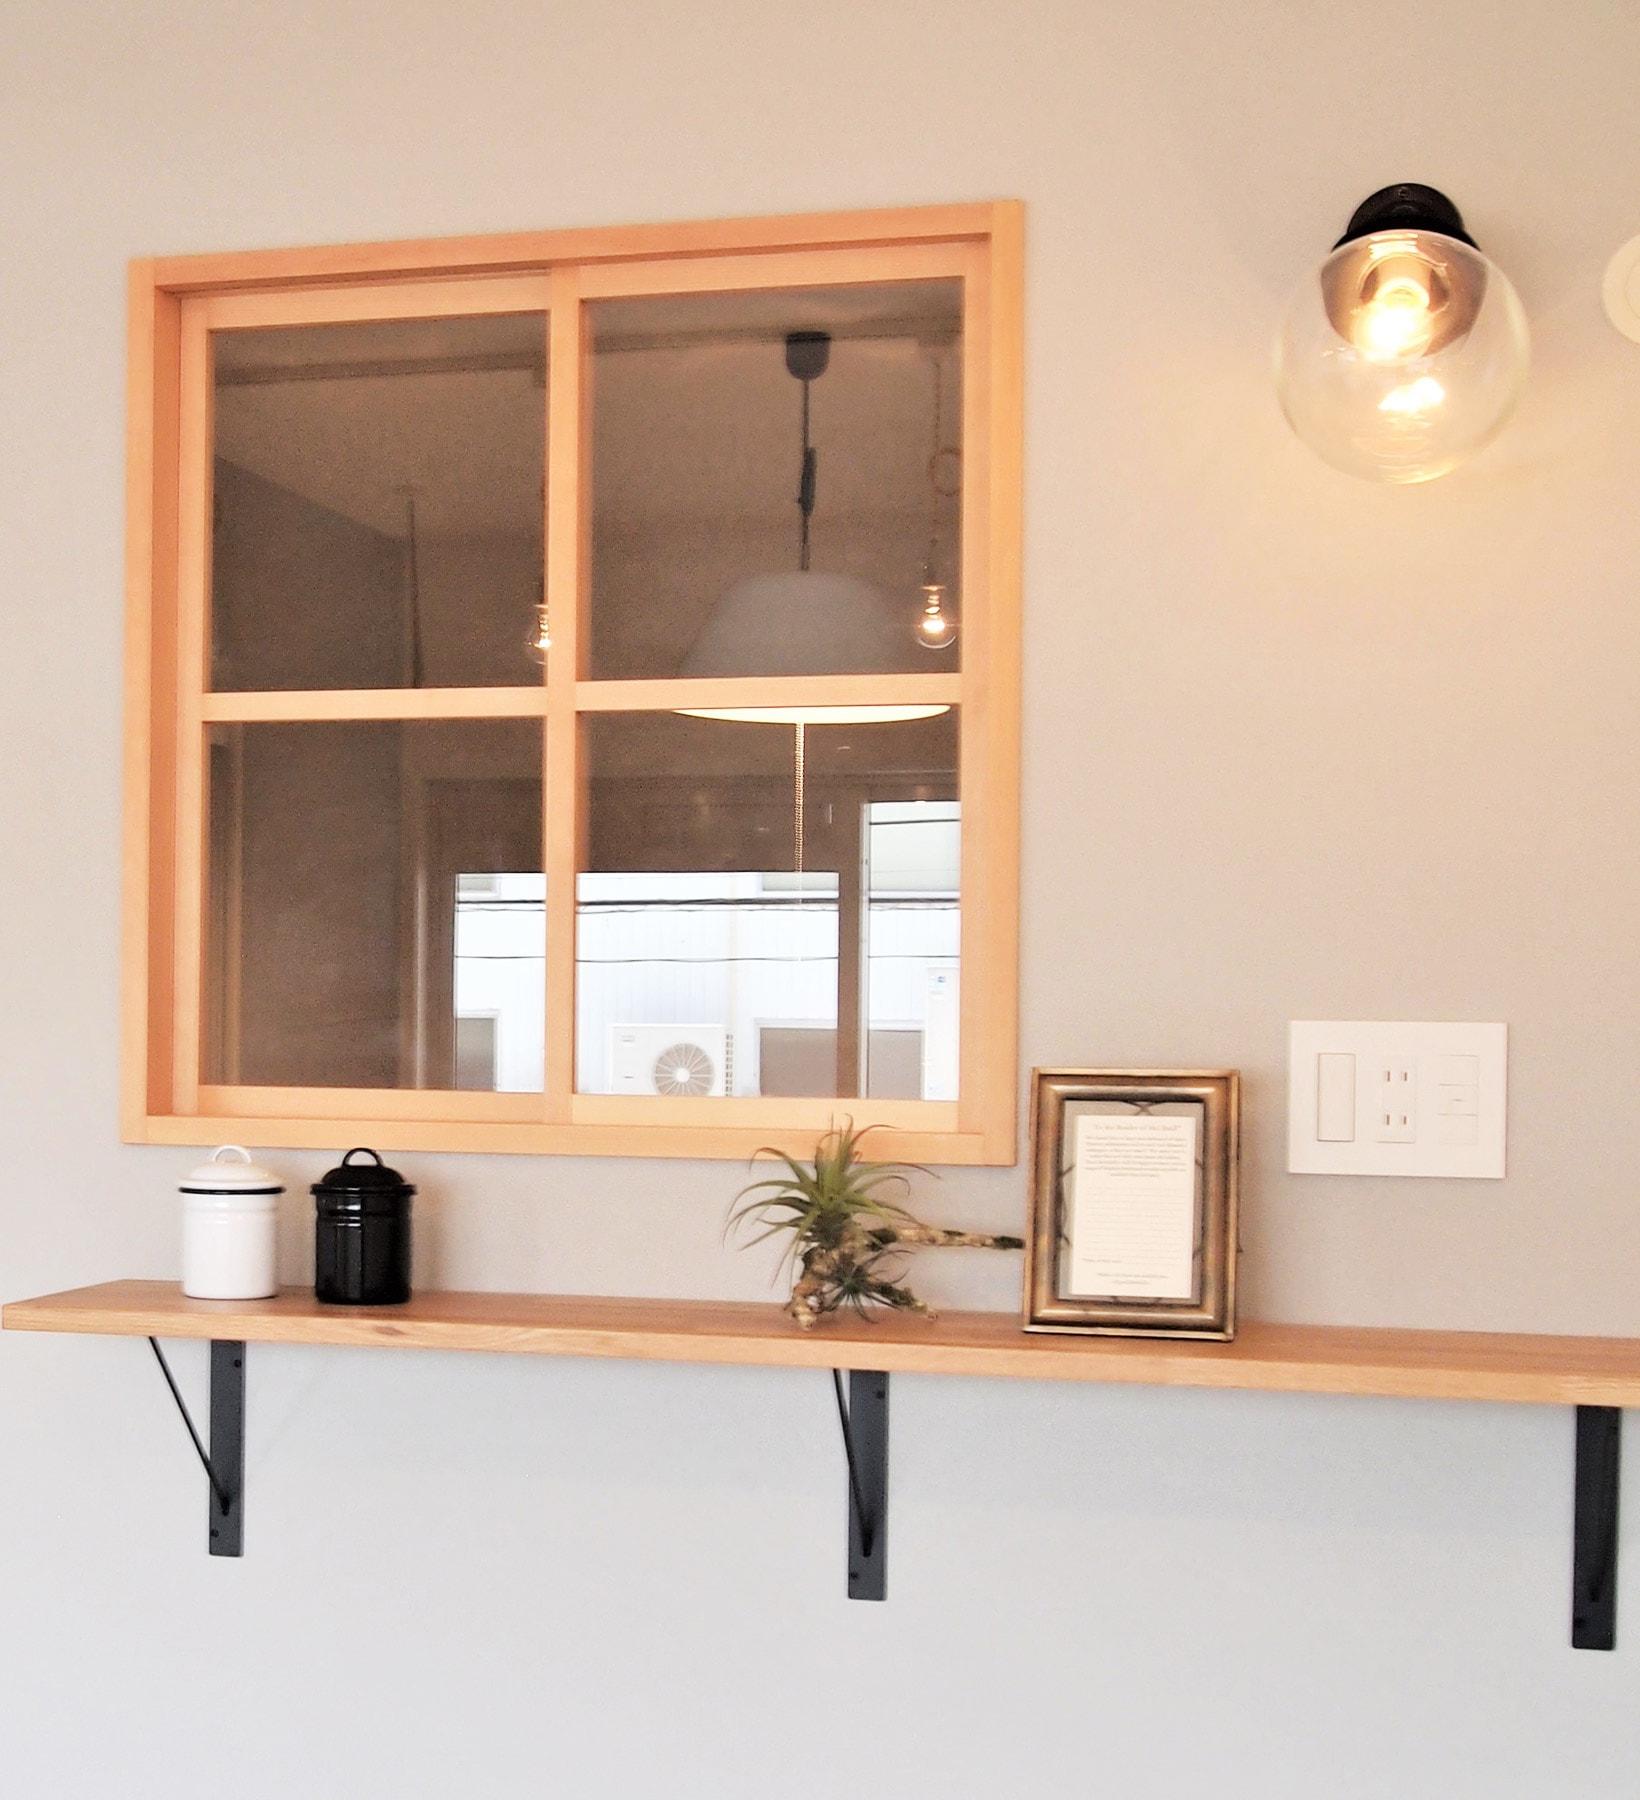 ~飾り窓&棚プラン例~ 飾り窓・棚設置(同一タイプ) 工事費20万